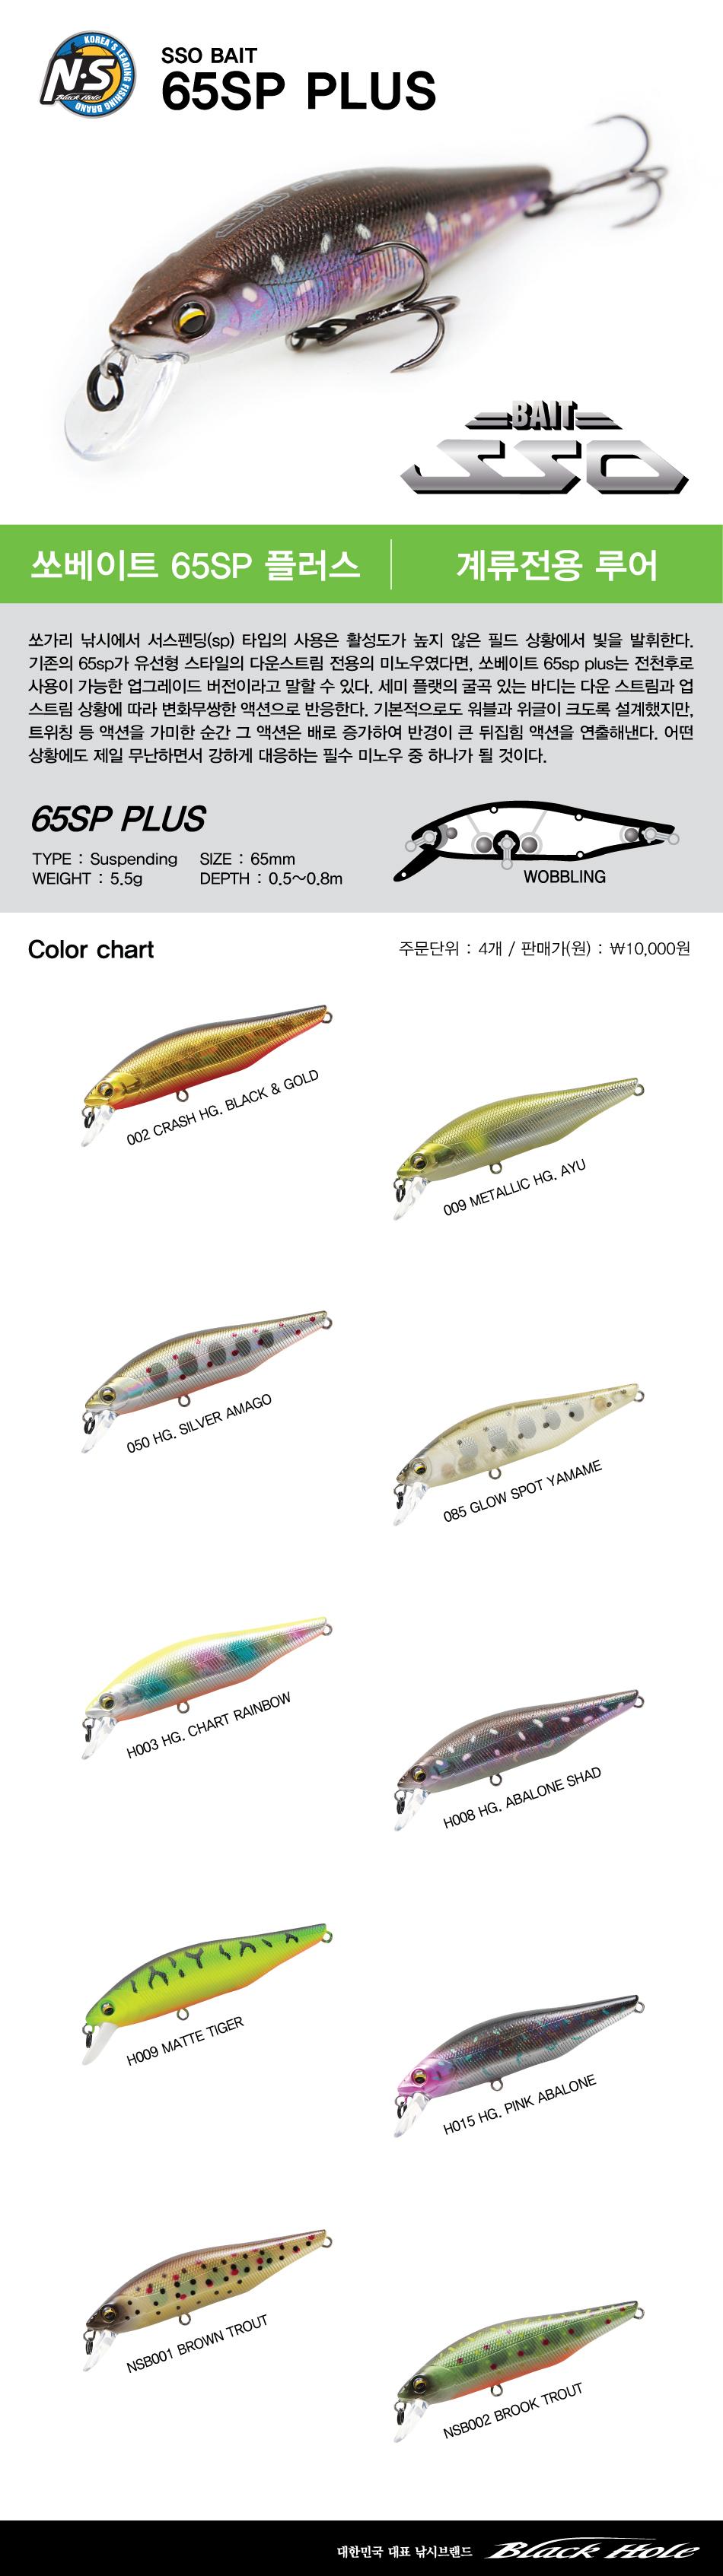 쏘베이트 미노우 65SP 플러스 쏘가리 쏘가리미노우 민물미노우 하드베이트 계류 계류루어 쏘가리루어